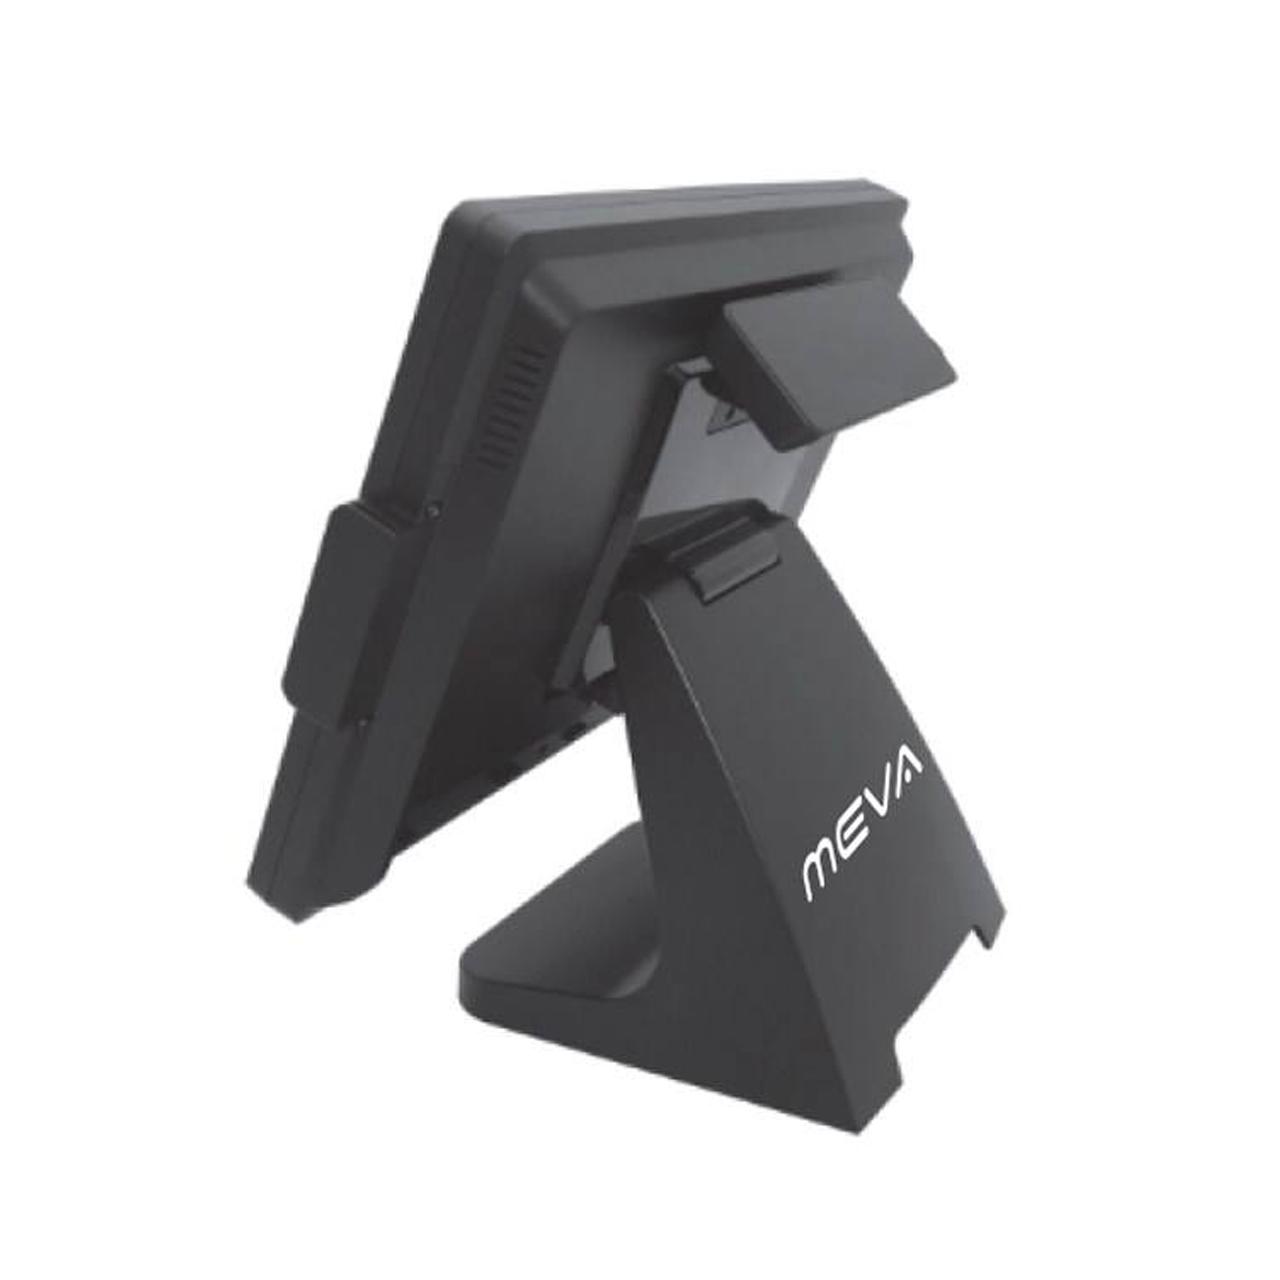 قیمت                      صندوق فروشگاهی POS لمسی میوا مدل PT 3060